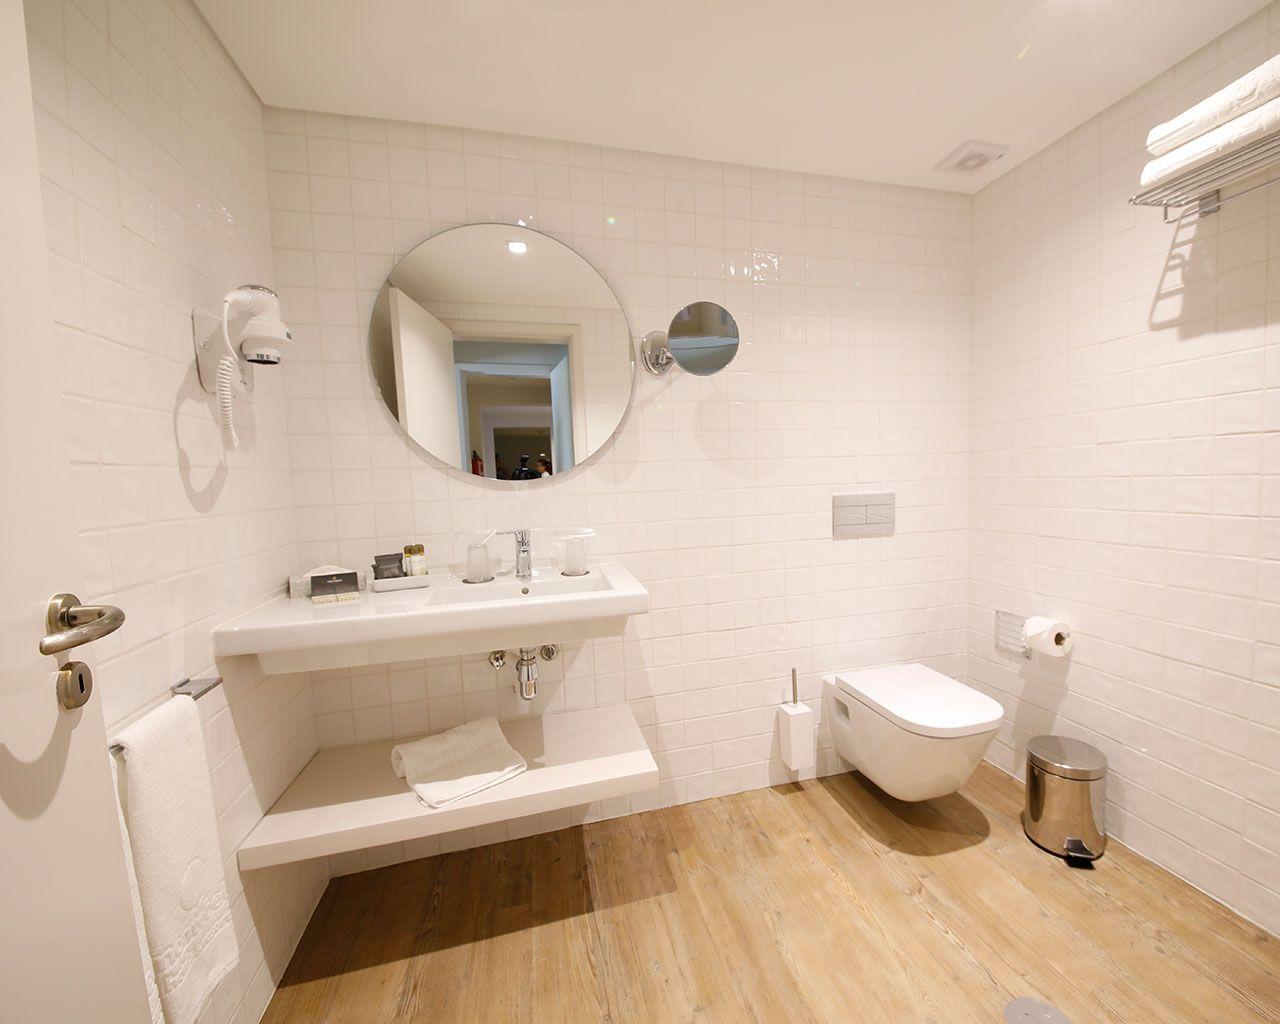 Casa de Banho - Apartamento T2 Premium